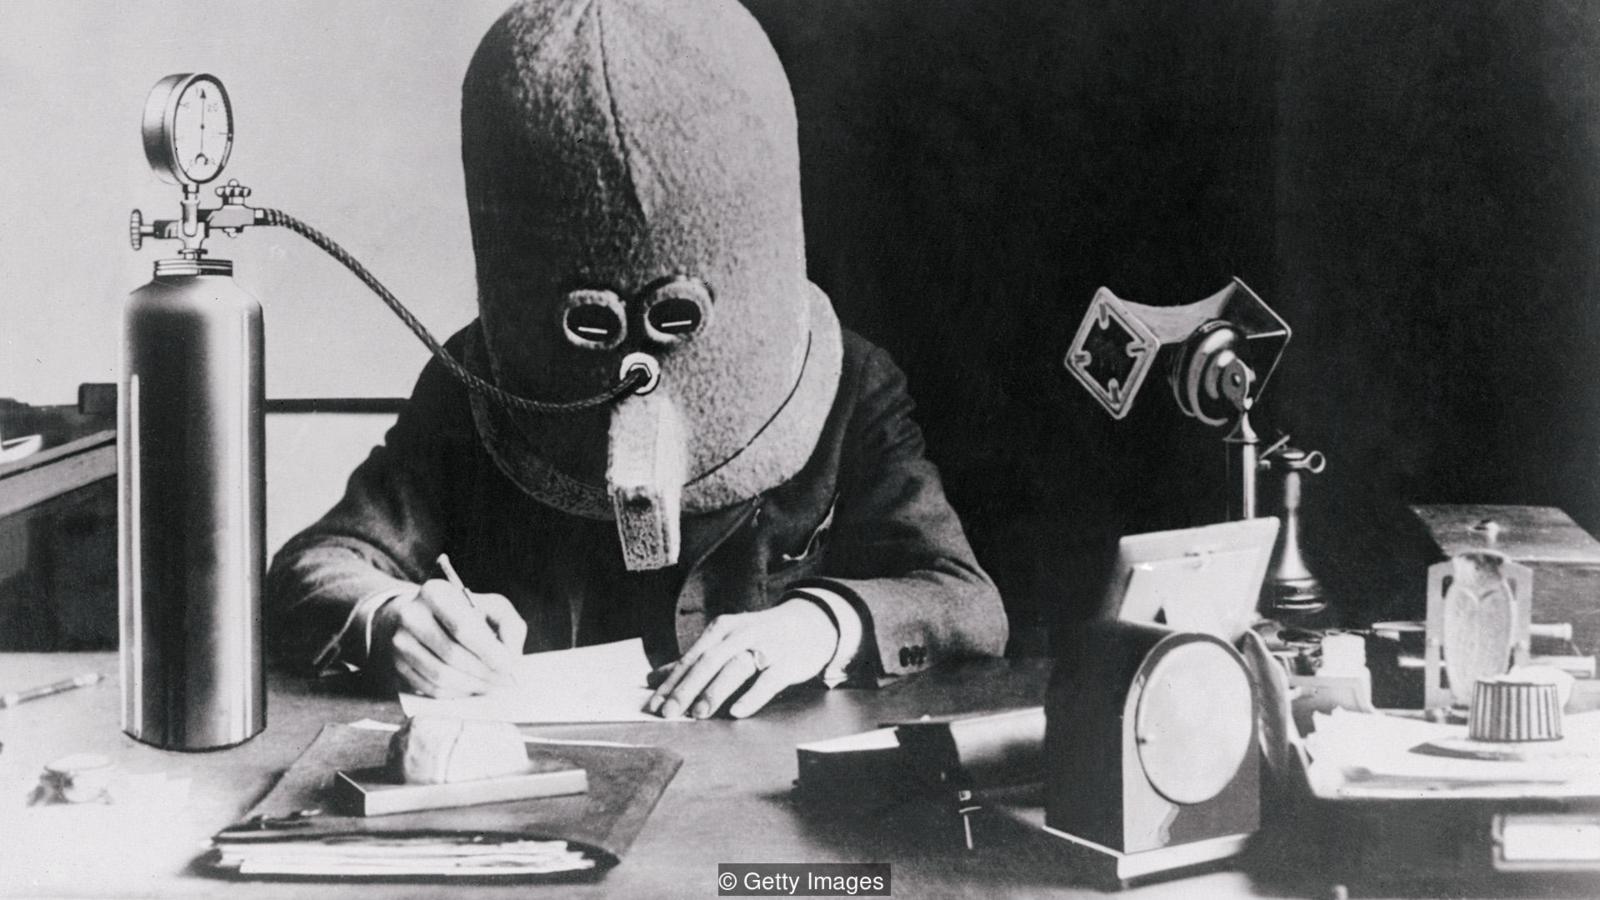 Шлем для работы в опенспейсе и другие изобретения прошлого